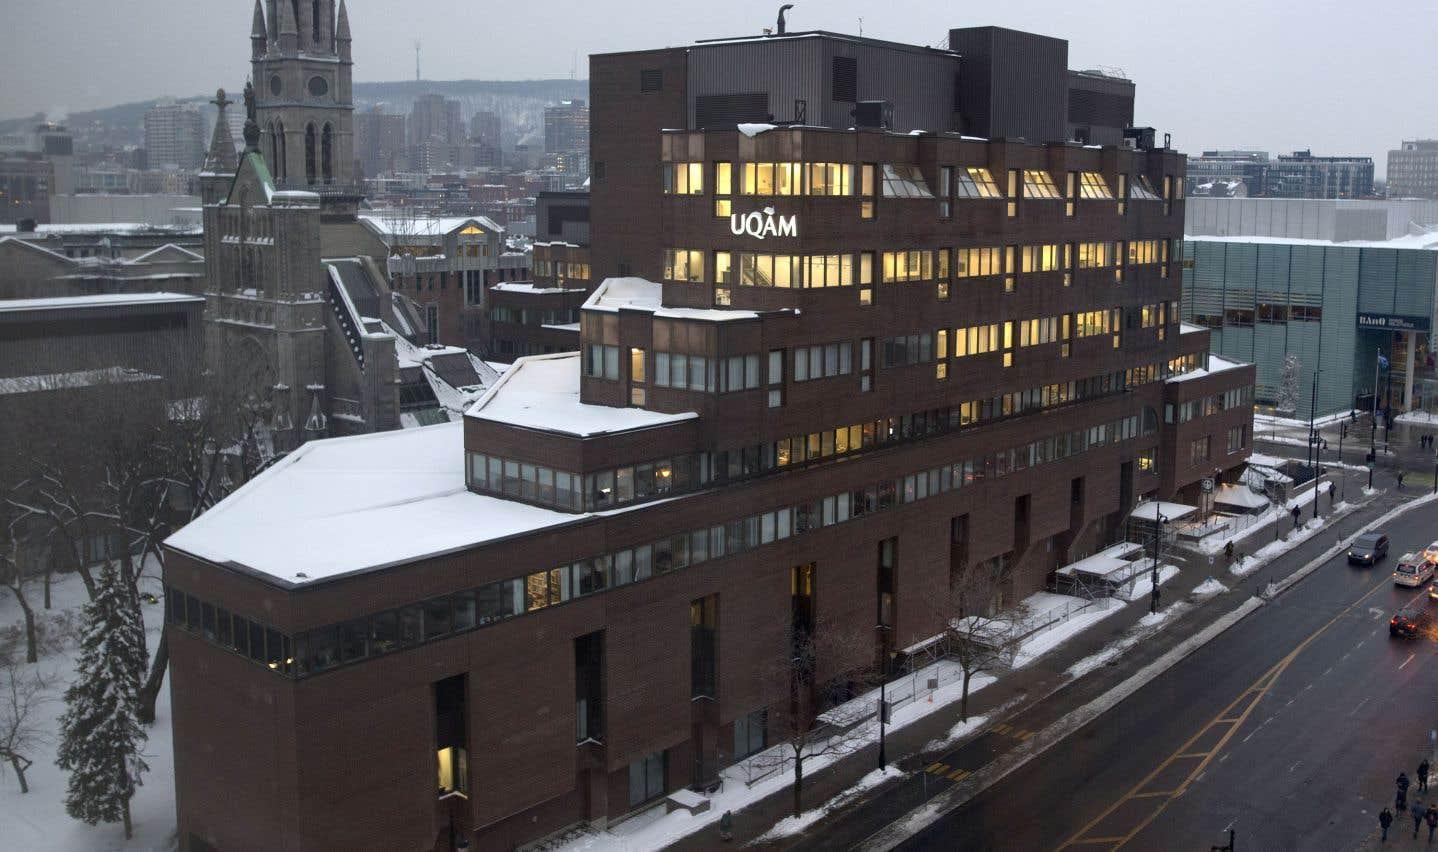 Le réseau de l'Université du Québec doit composer avec un sous-financement structurel qui l'accompagne depuis sa fondation, soulignent les auteurs.